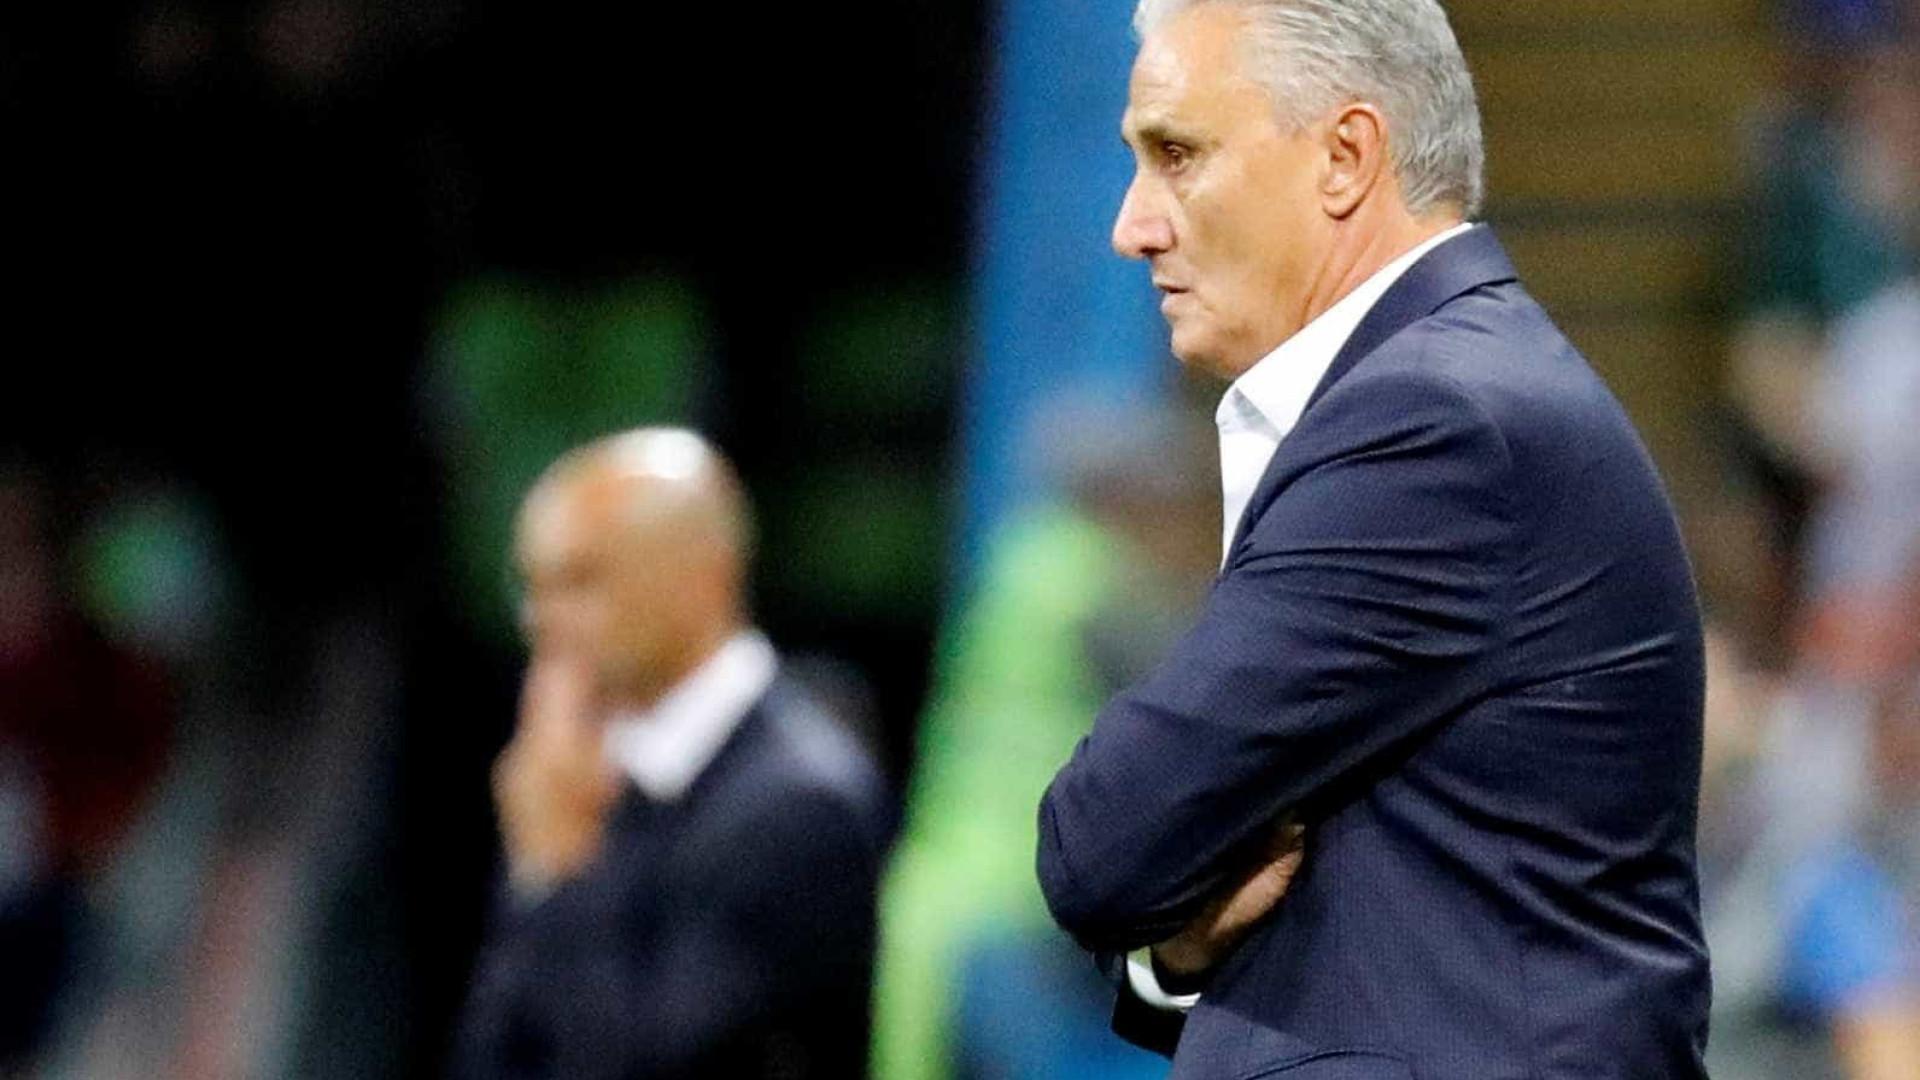 Convocados que cheguem a final de Copa do BR não se apresentarão